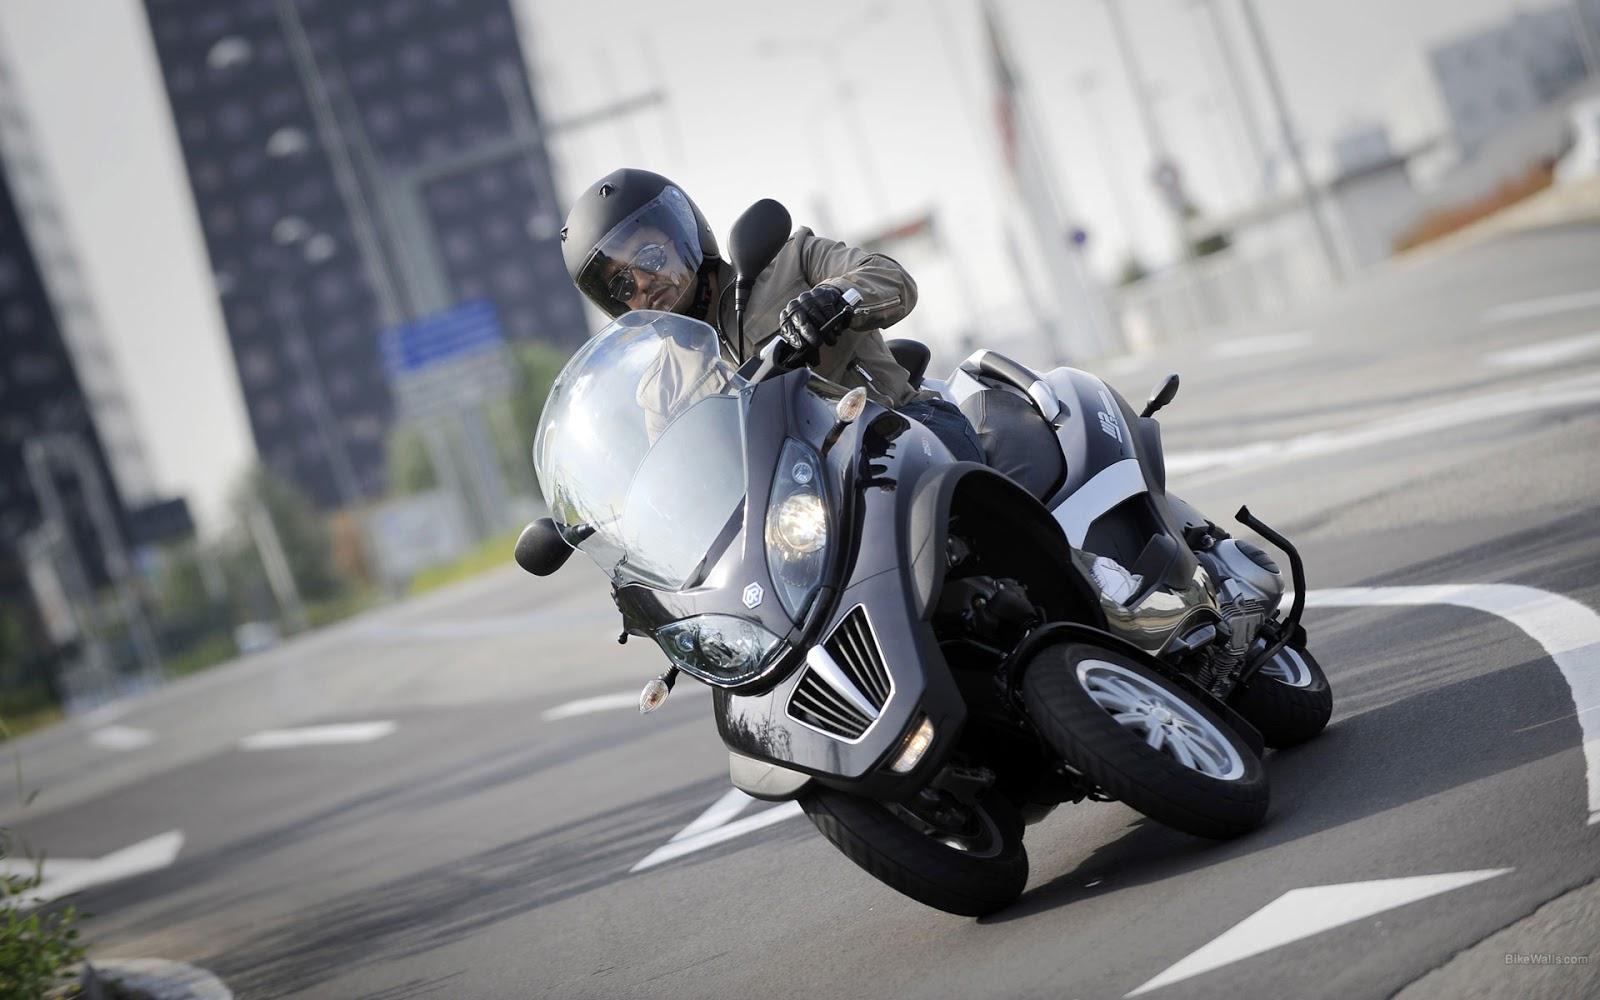 motorr der mit wie viel ccm darf man mit dem autof hrerschein fahren motorrad. Black Bedroom Furniture Sets. Home Design Ideas